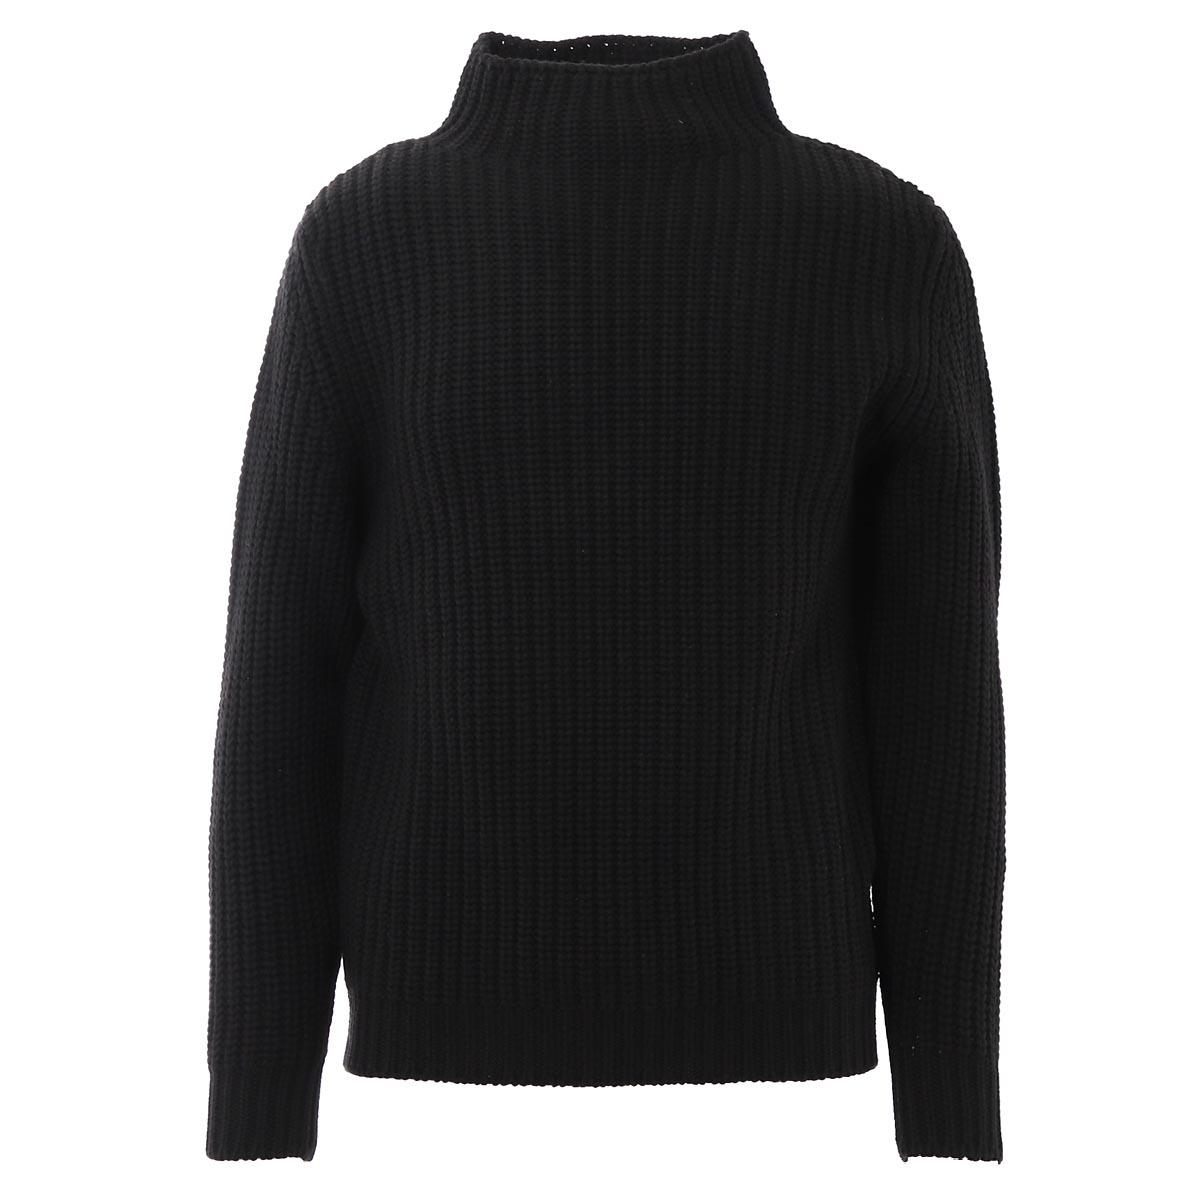 バフィ BAFY モックネック セーター ブラック メンズ ニット 大きいサイズあり 133 4305 33402【あす楽対応_関東】【返品送料無料】【ラッピング無料】